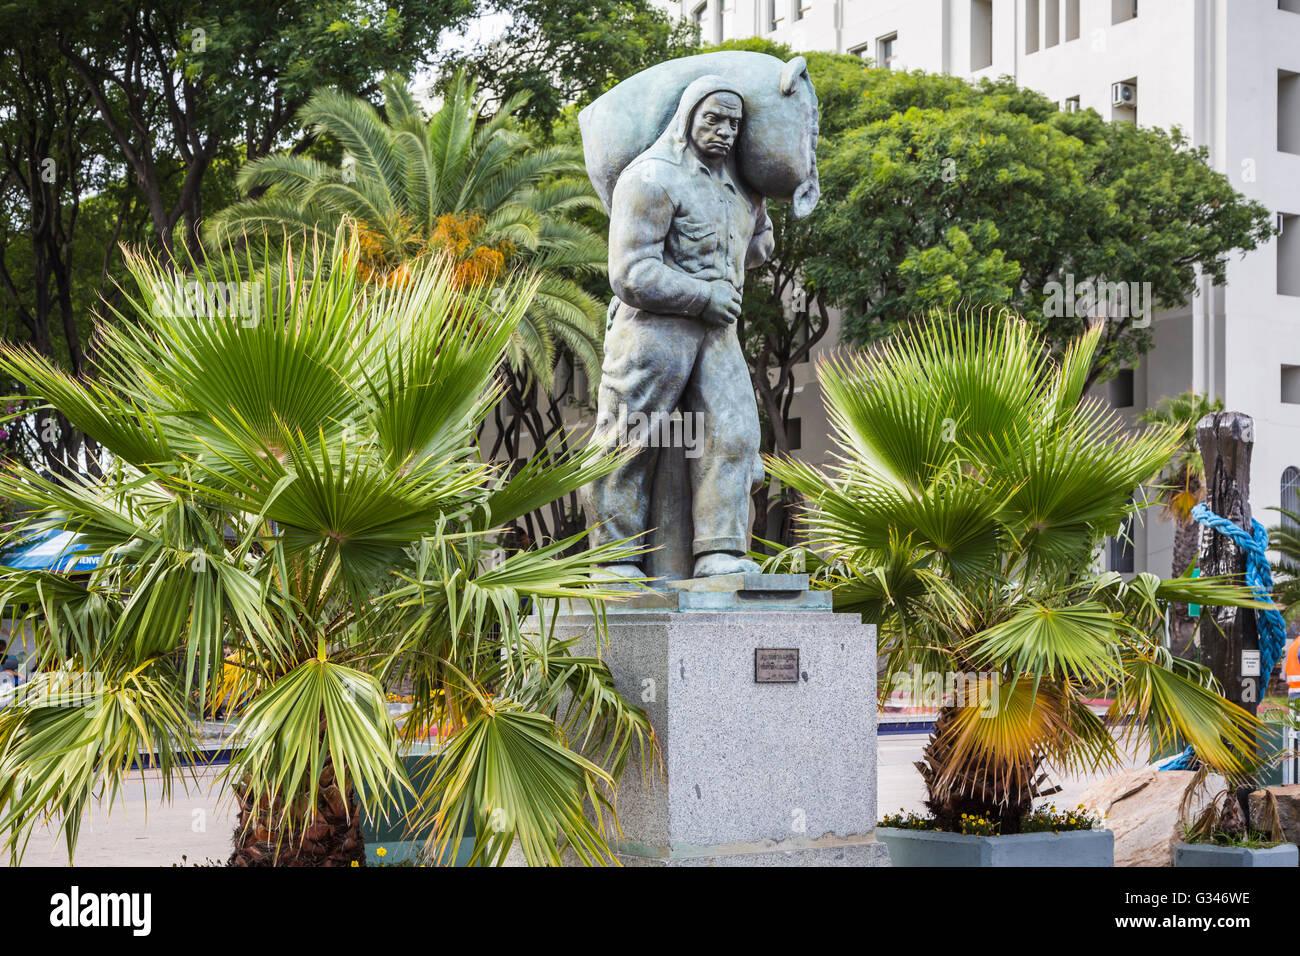 Une statue de travailleurs à Montevideo, Uruguay, Amérique du Sud. Photo Stock